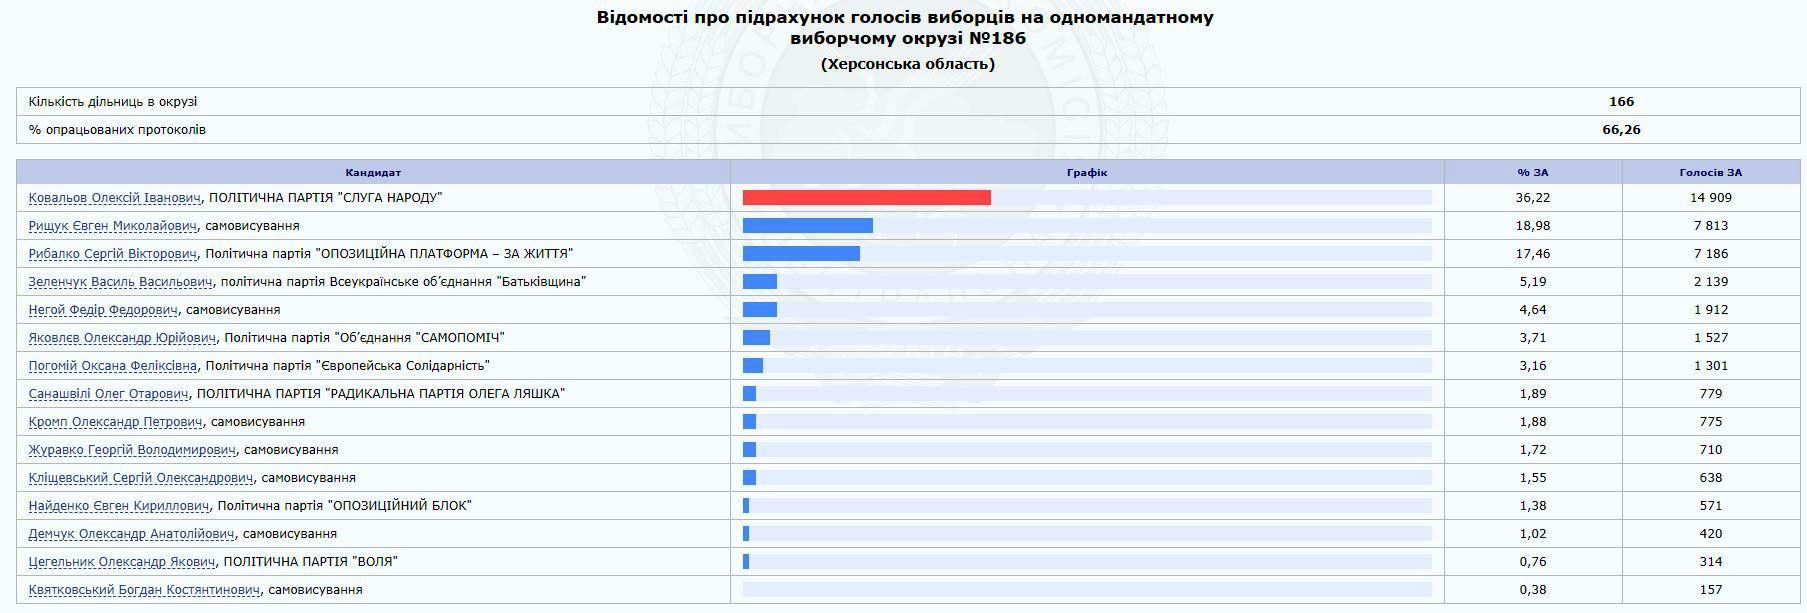 Нардеп из Олешковского района Негой проиграл выборы в Верховную Раду